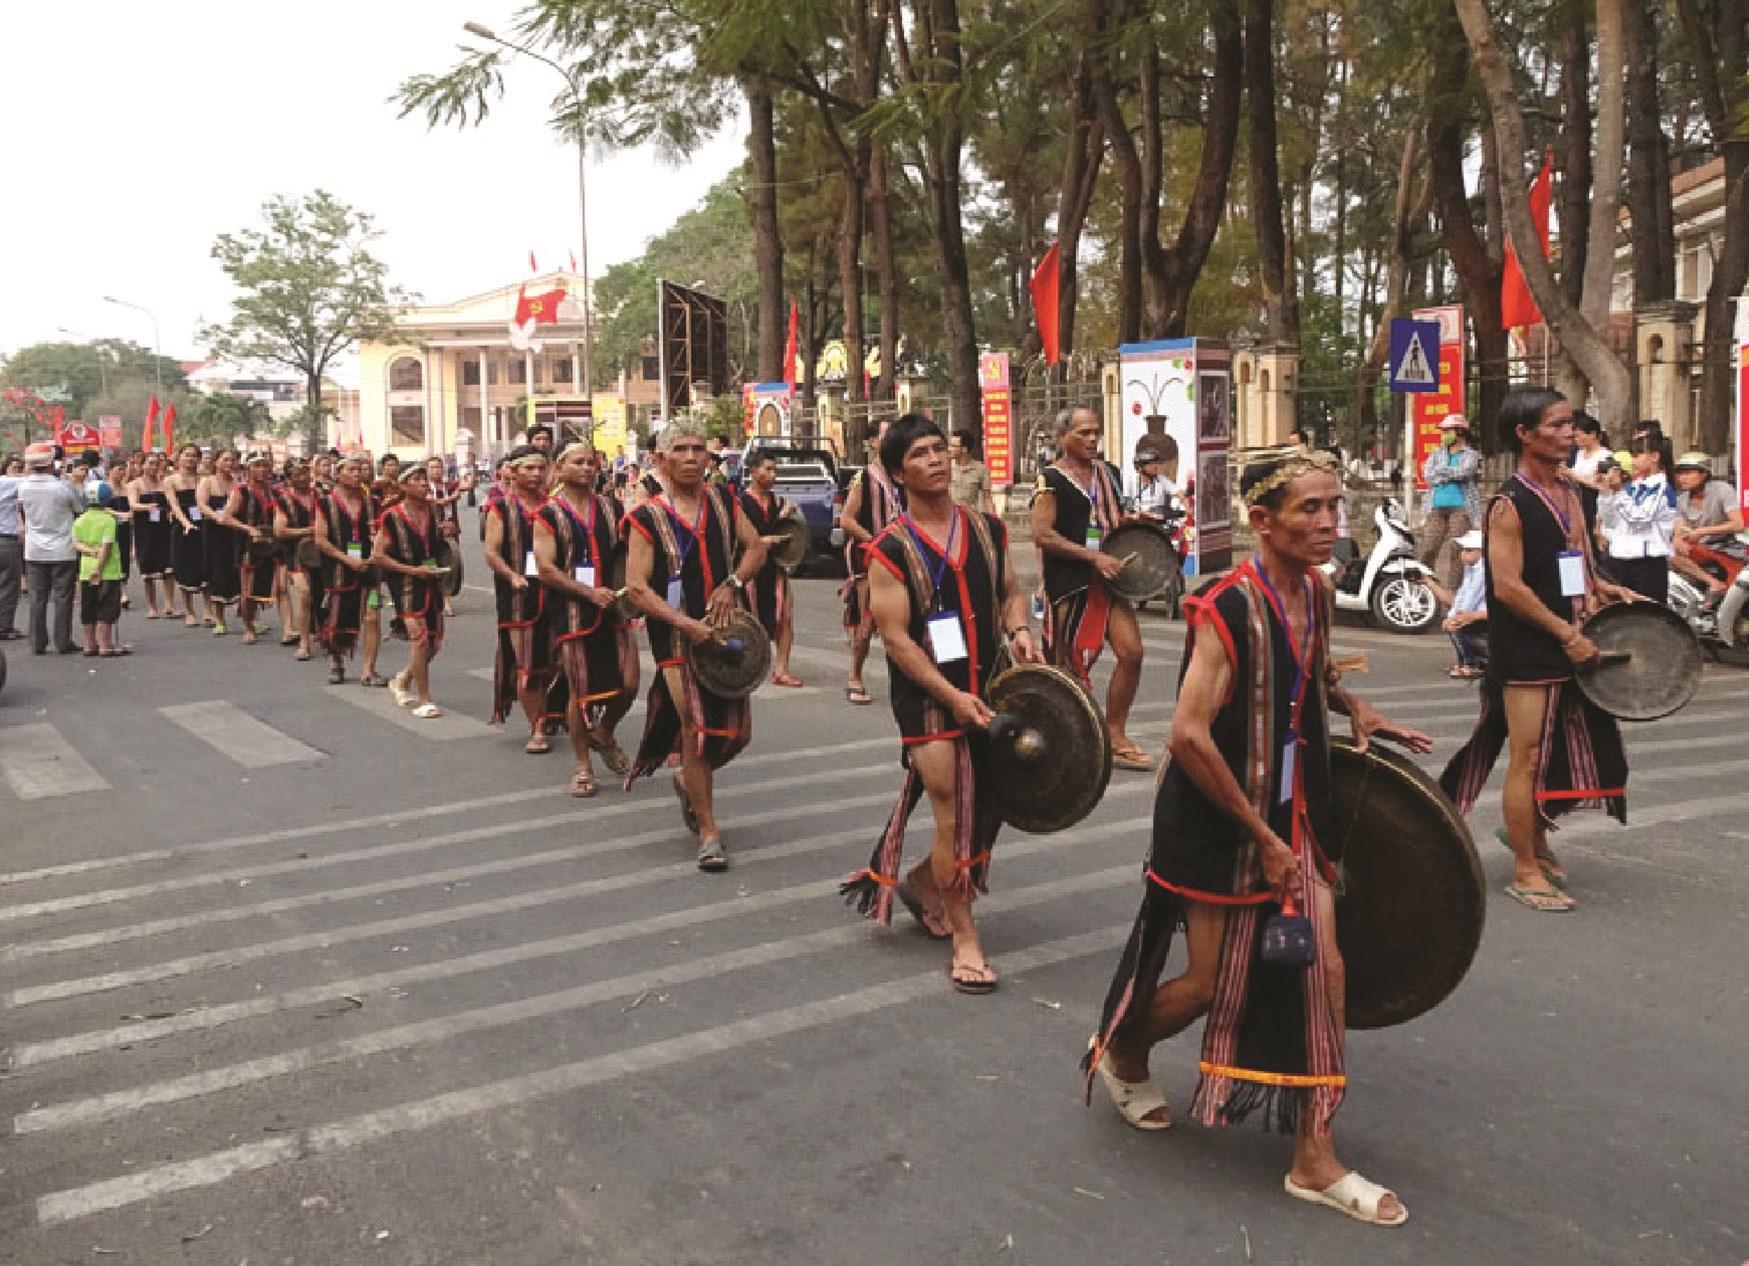 Lễ hội văn hóa cồng chiêng của các dân tộc ở Kon Tum vẫn được tổ chức  trong nhiều năm qua.